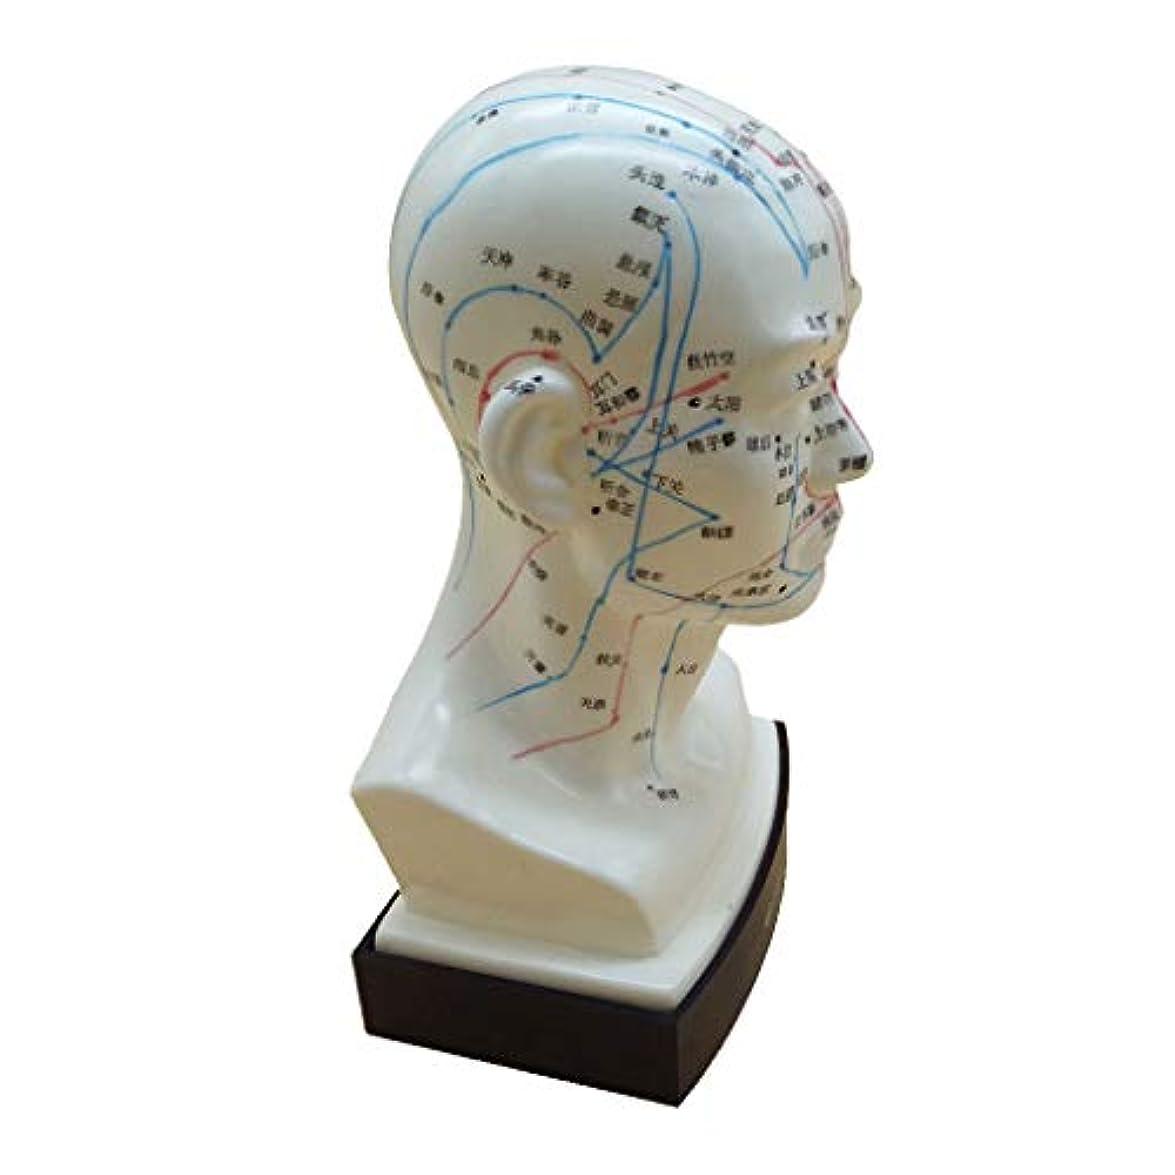 起きてネーピア口KESOTO マッサージ モデル 中国語 指圧ポイント 人間の頭 経絡モデル